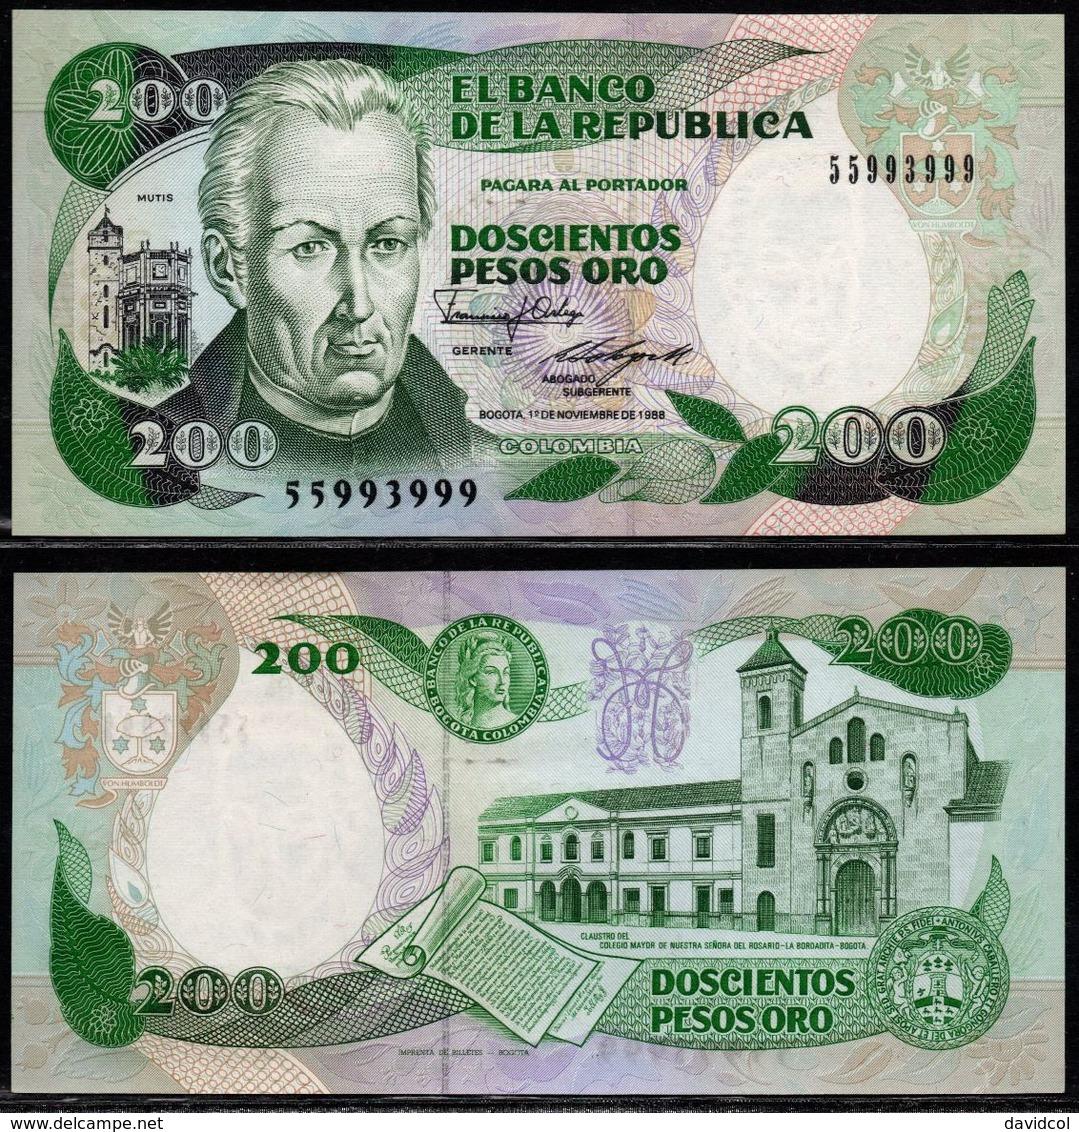 COLOMBIA - 1988 - DOSCIENTOS PESOS ORO ( $ 200 ) - UNCIRCULATED. CONDITION 9/10 - Colombie